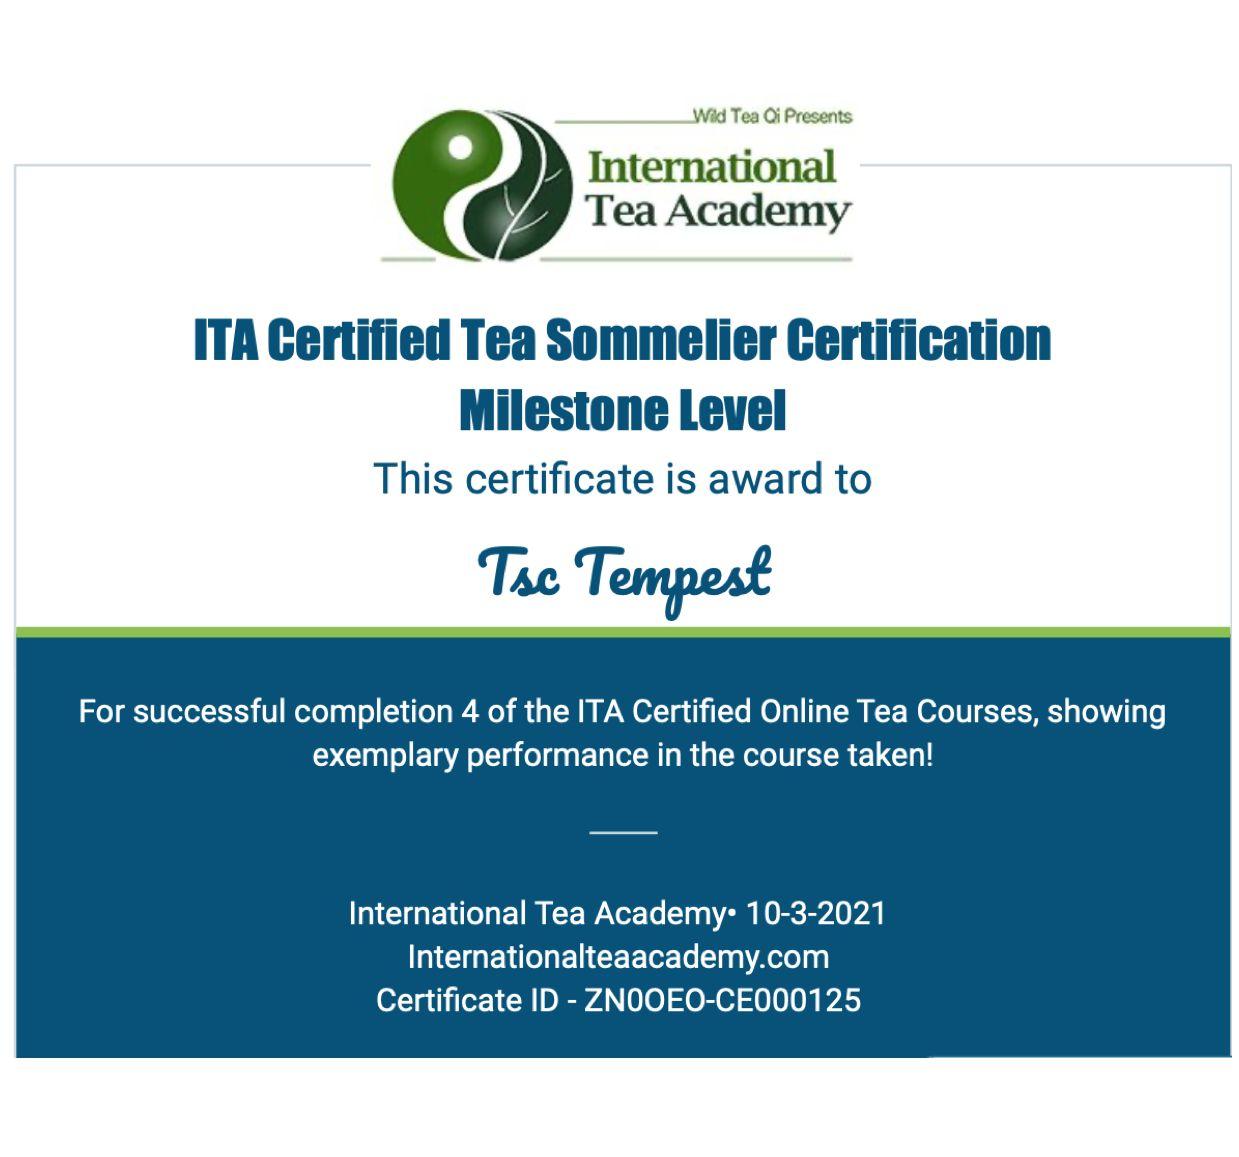 ITA Certified Tea Sommelier Certificate (Update)